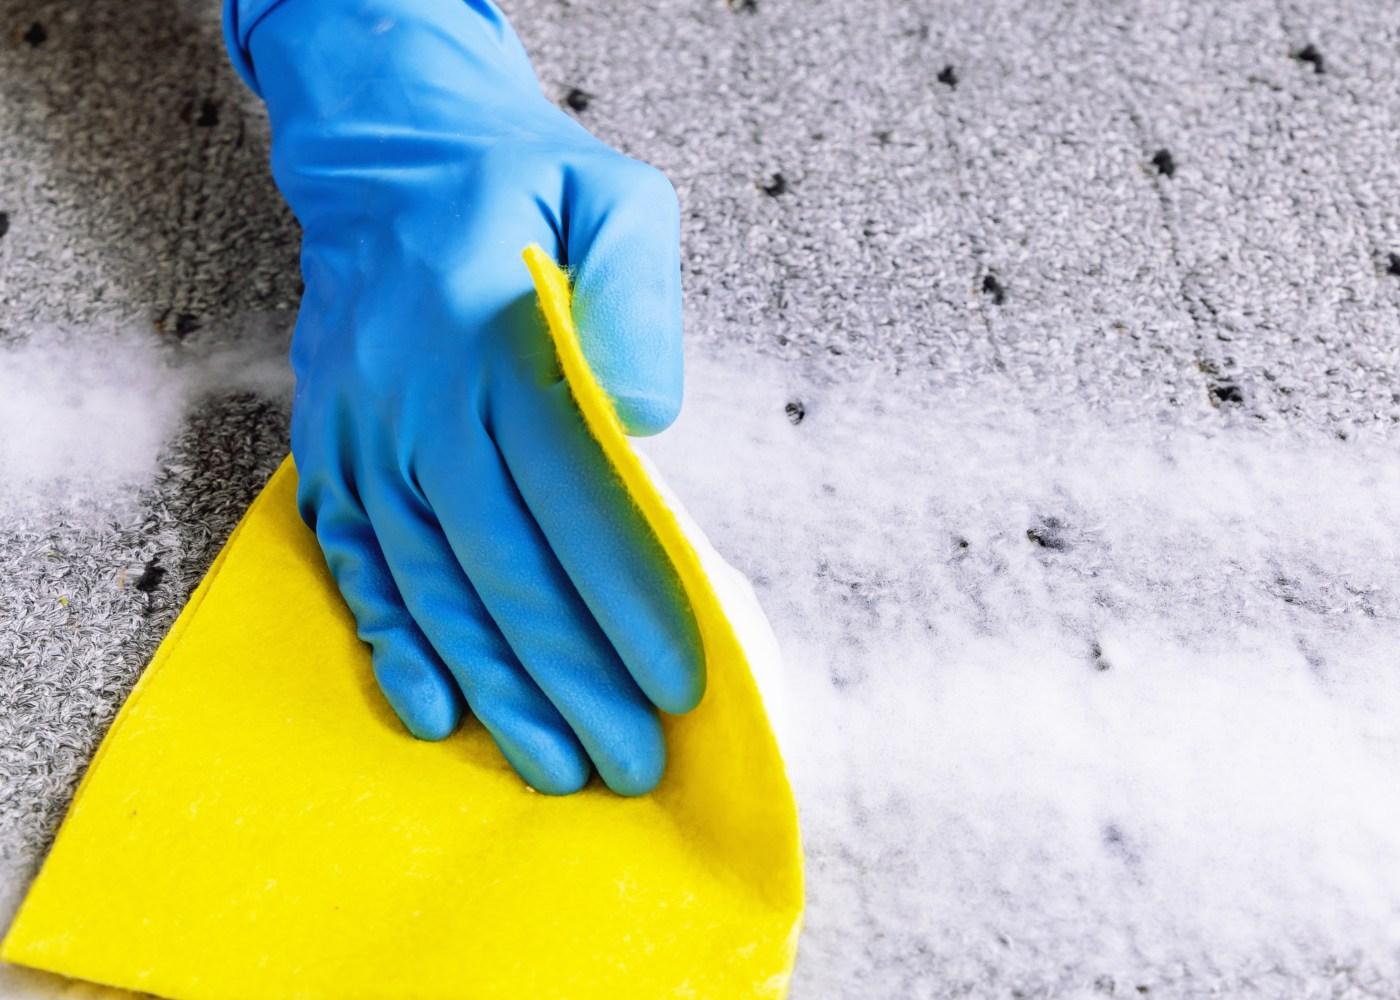 pessoa a limpar carpete com pano